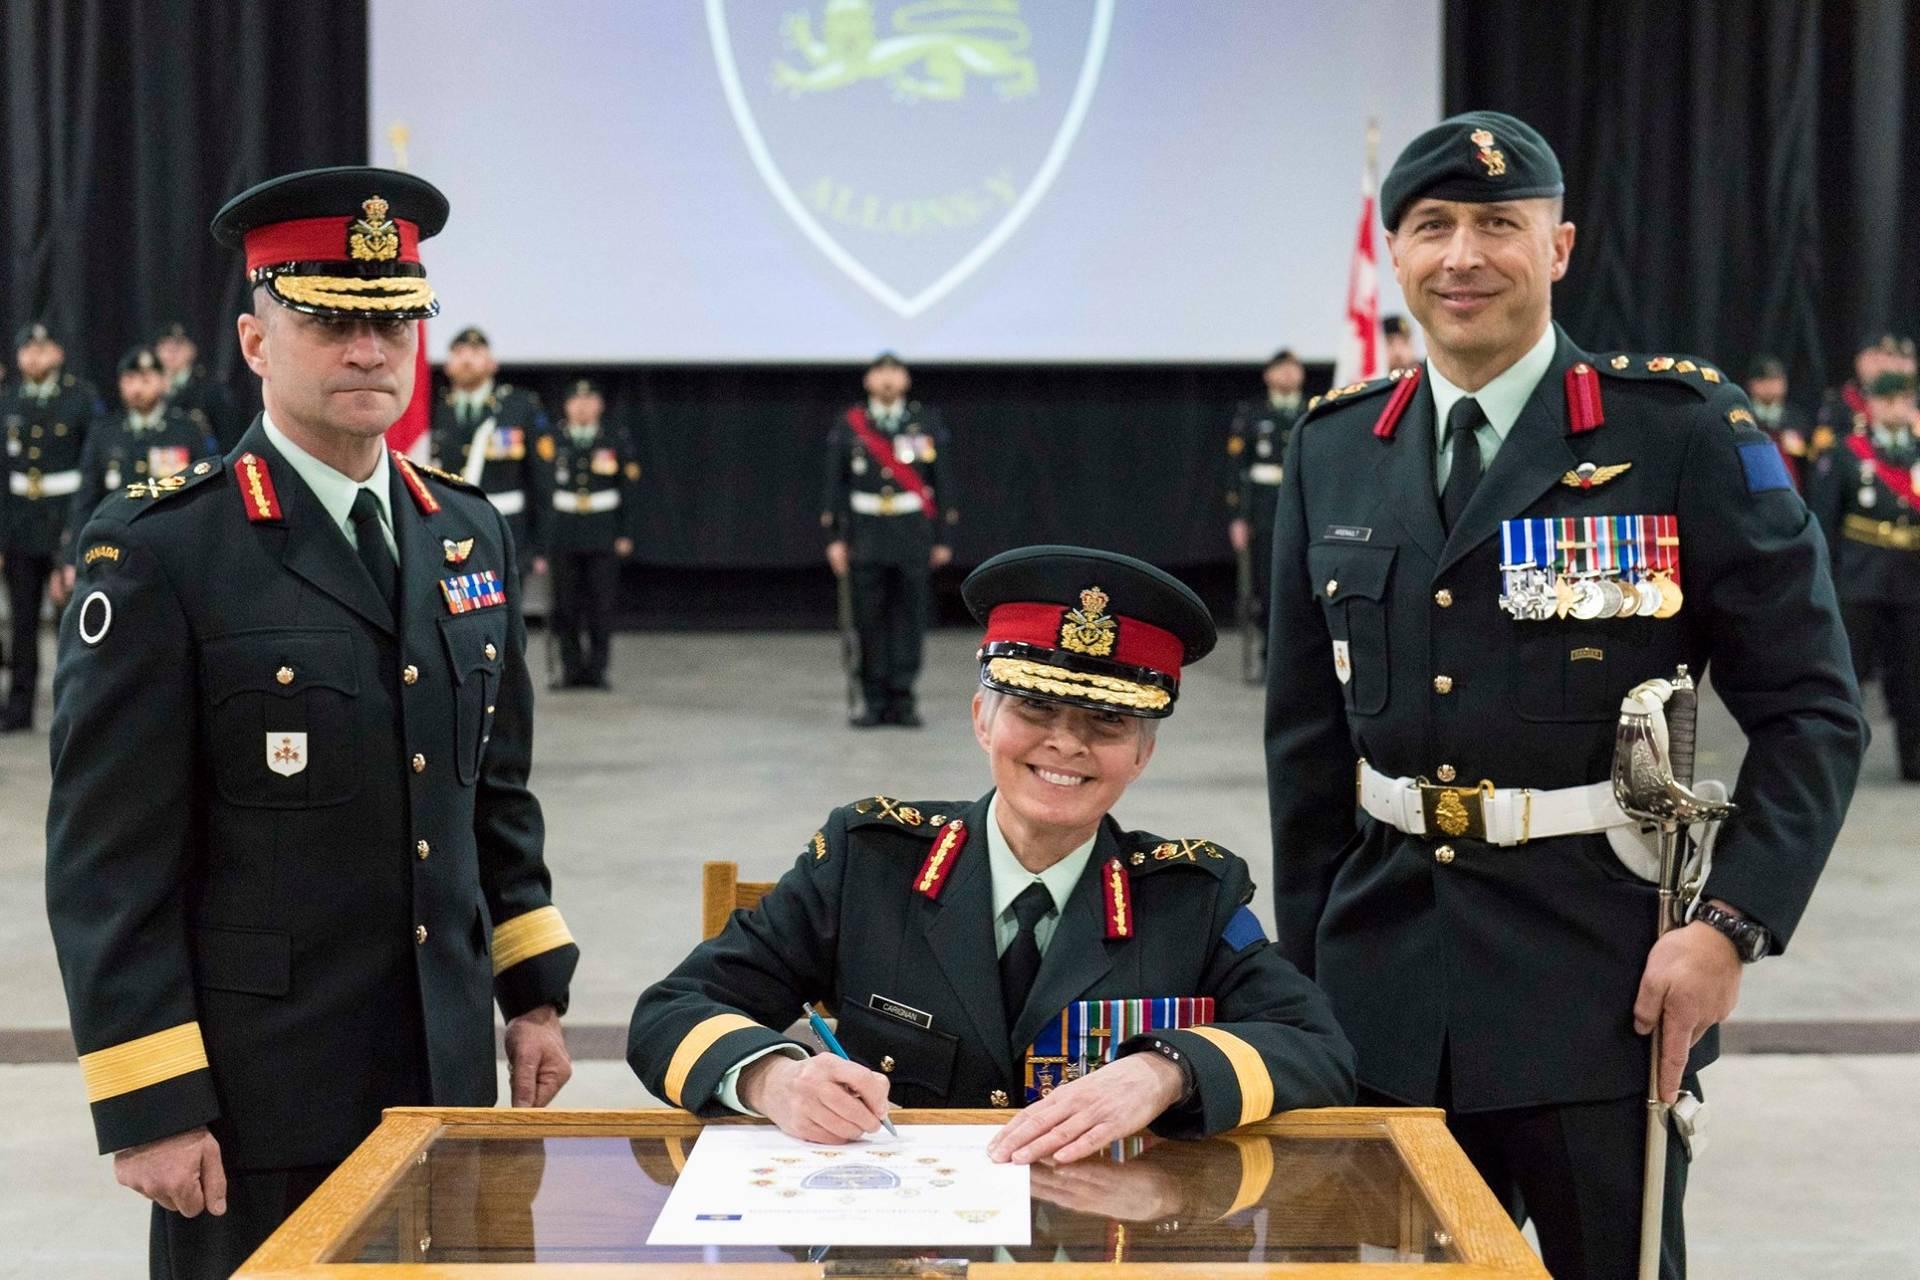 Бригадна генералка Збройних Сил Канади Дженні Каріньян (в центрі), 16 лютого 2019 року